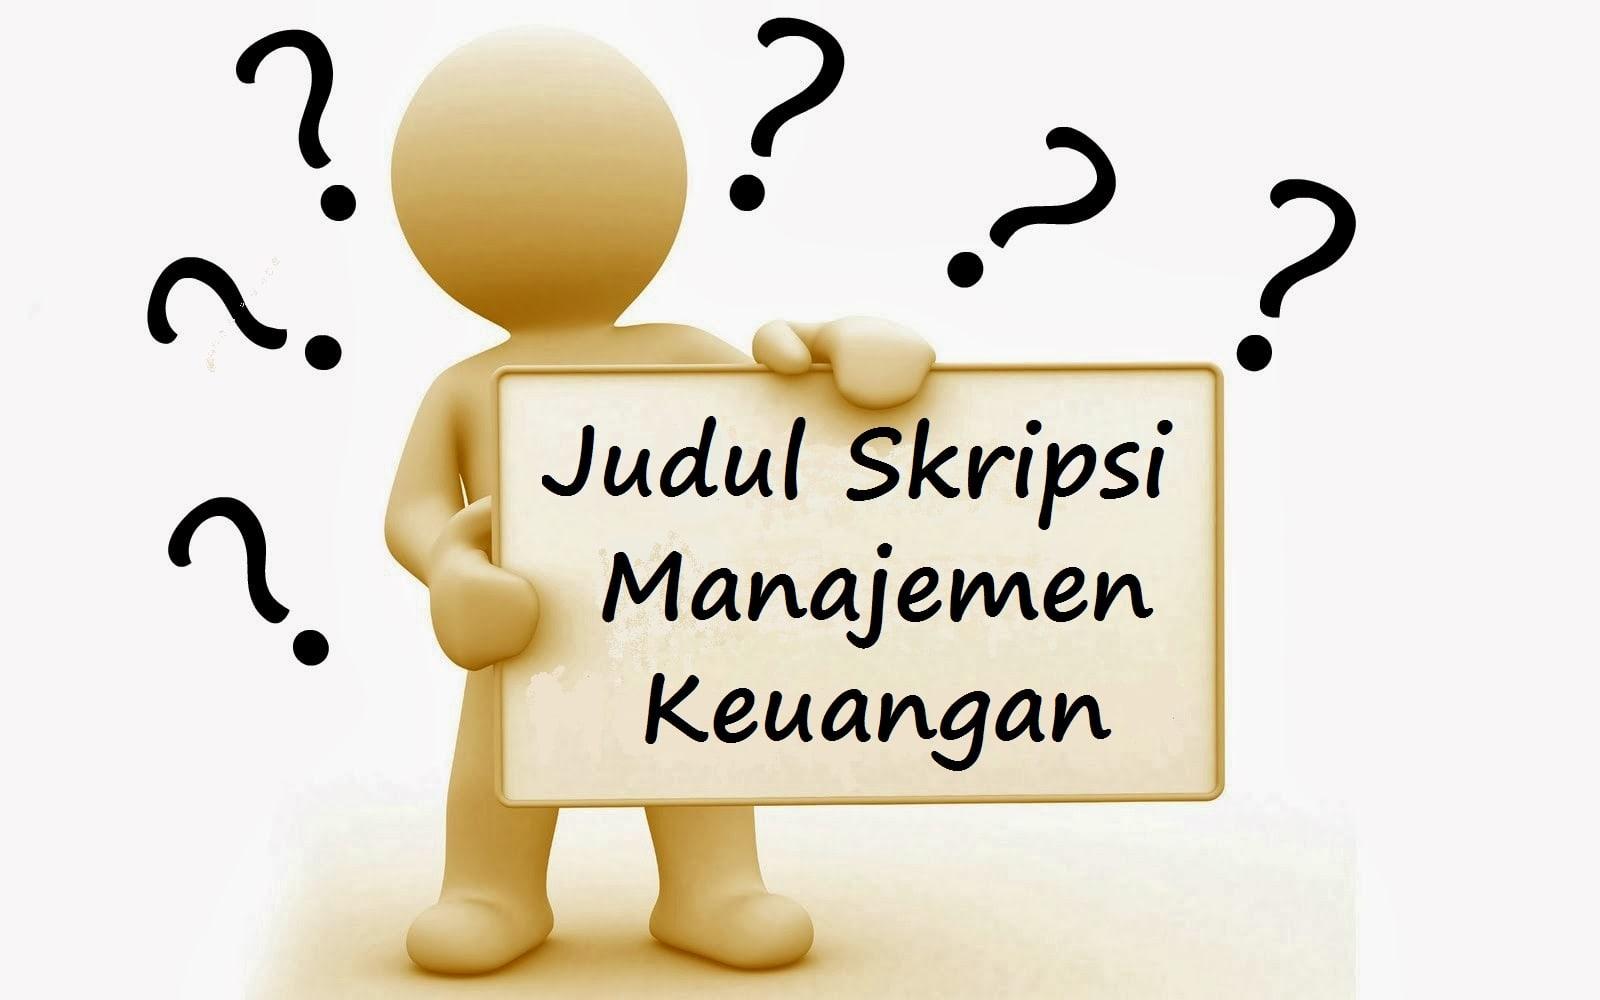 Skripsi Manajemen Keuangan 200 Judul Terbaik M Jurnal